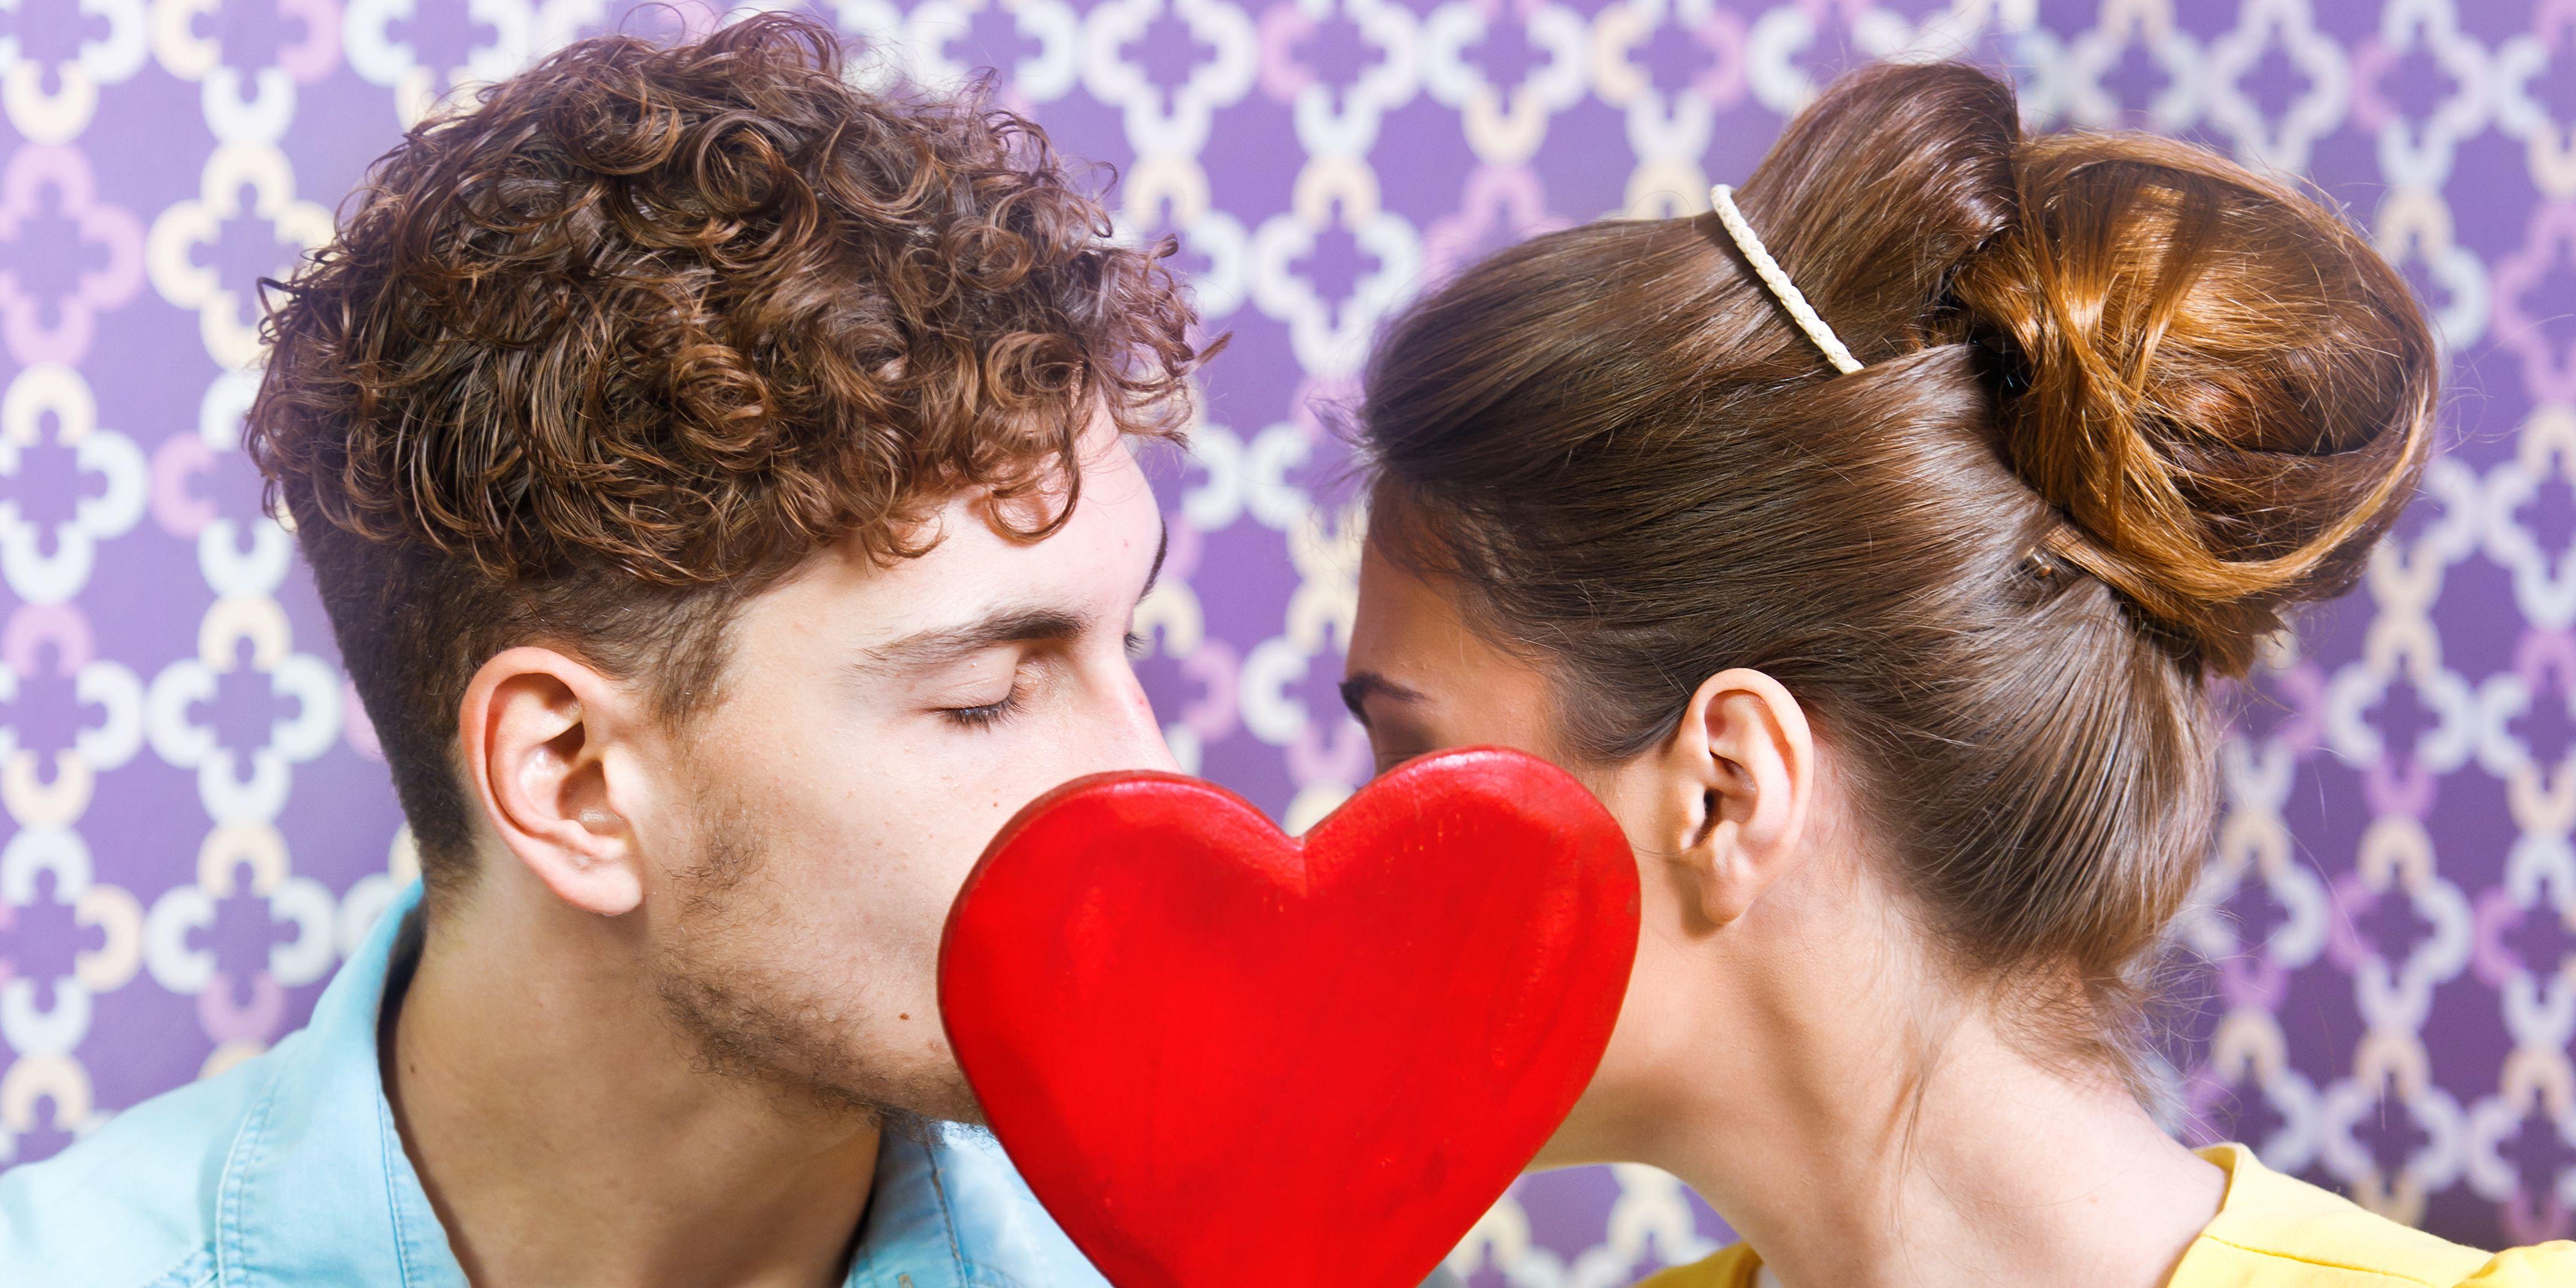 Attrazione mentale, i consigli per creare empatia e portare il rapporto a un altro livello